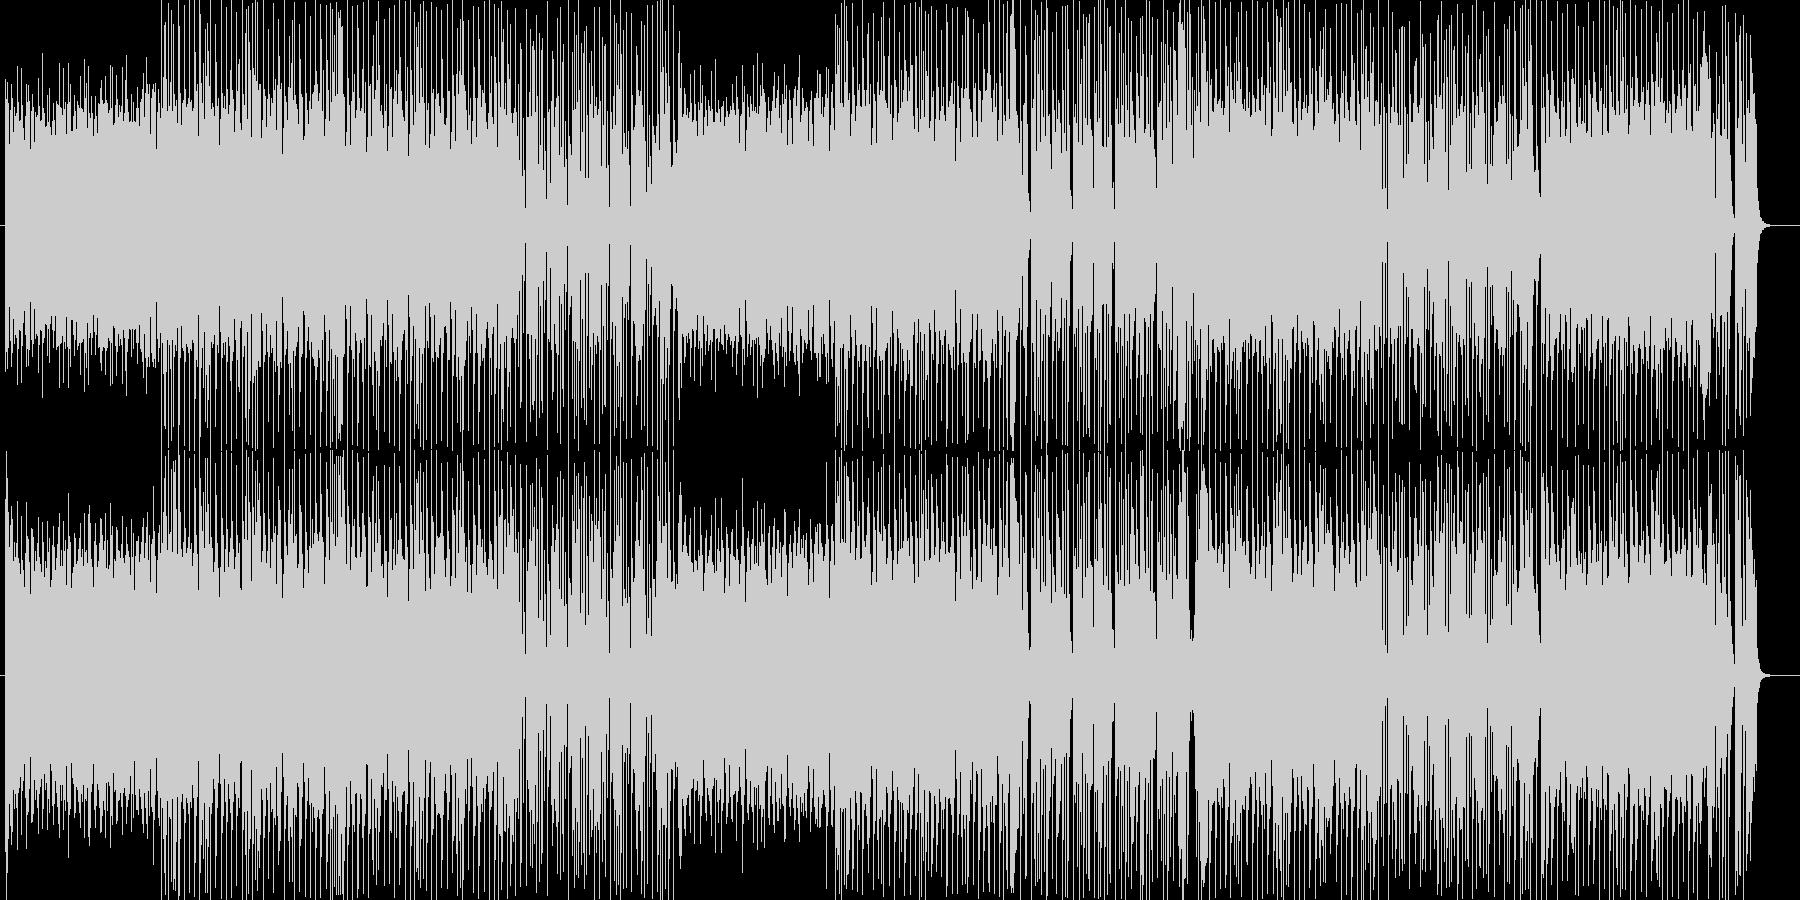 リズム隊が光るファンキーサウンドの未再生の波形